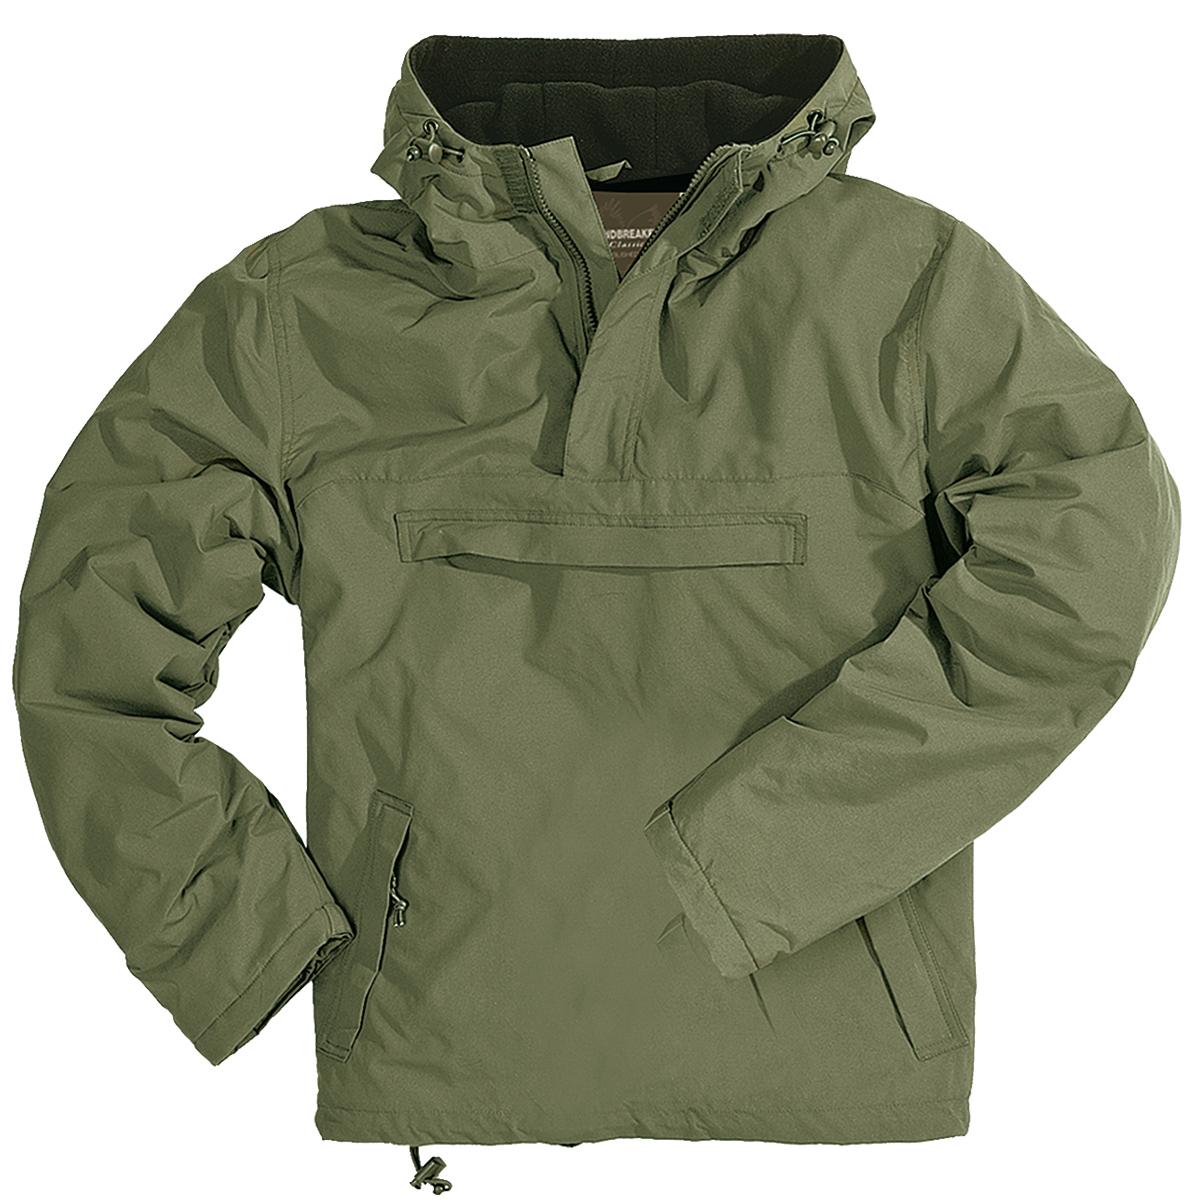 Womens Windbreaker Jackets With Hood